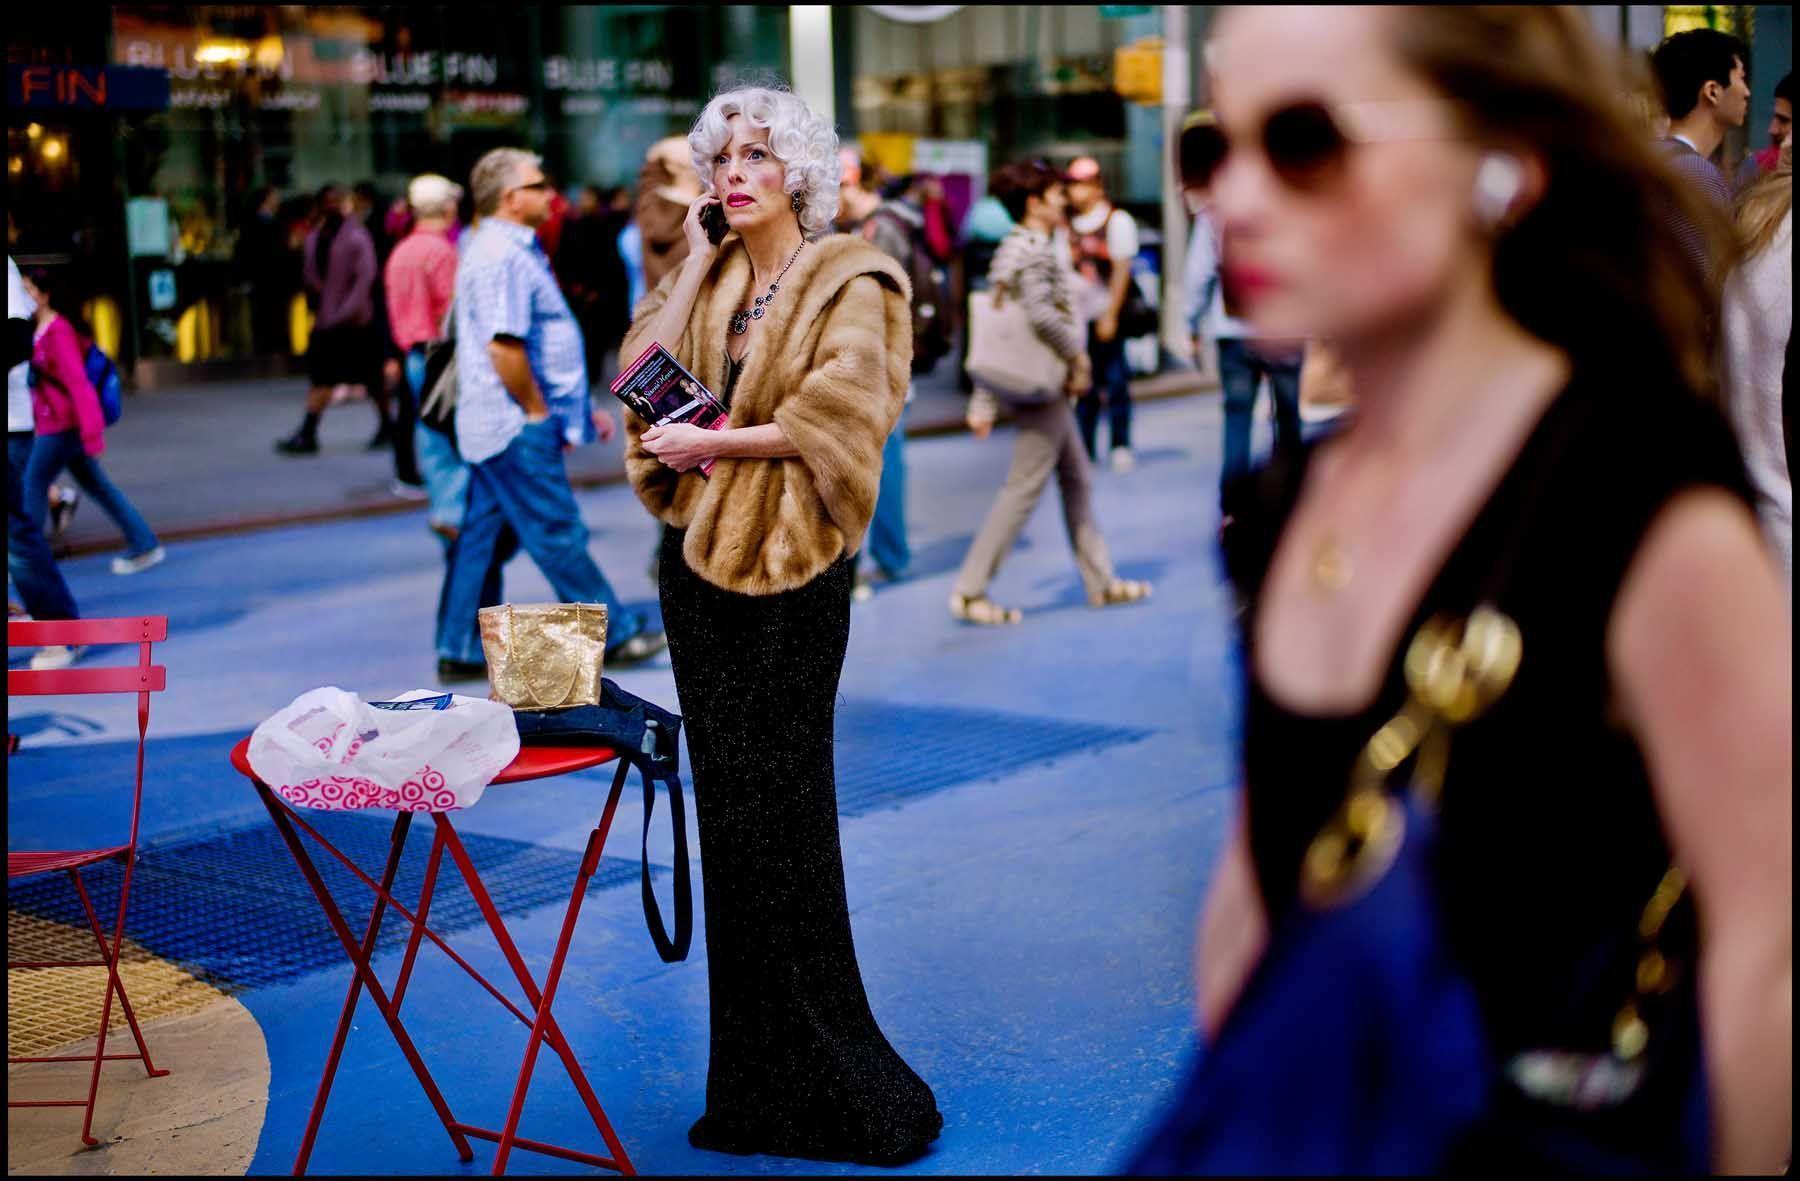 Sarah_M_Lee_Sidewalk_America_7.jpeg